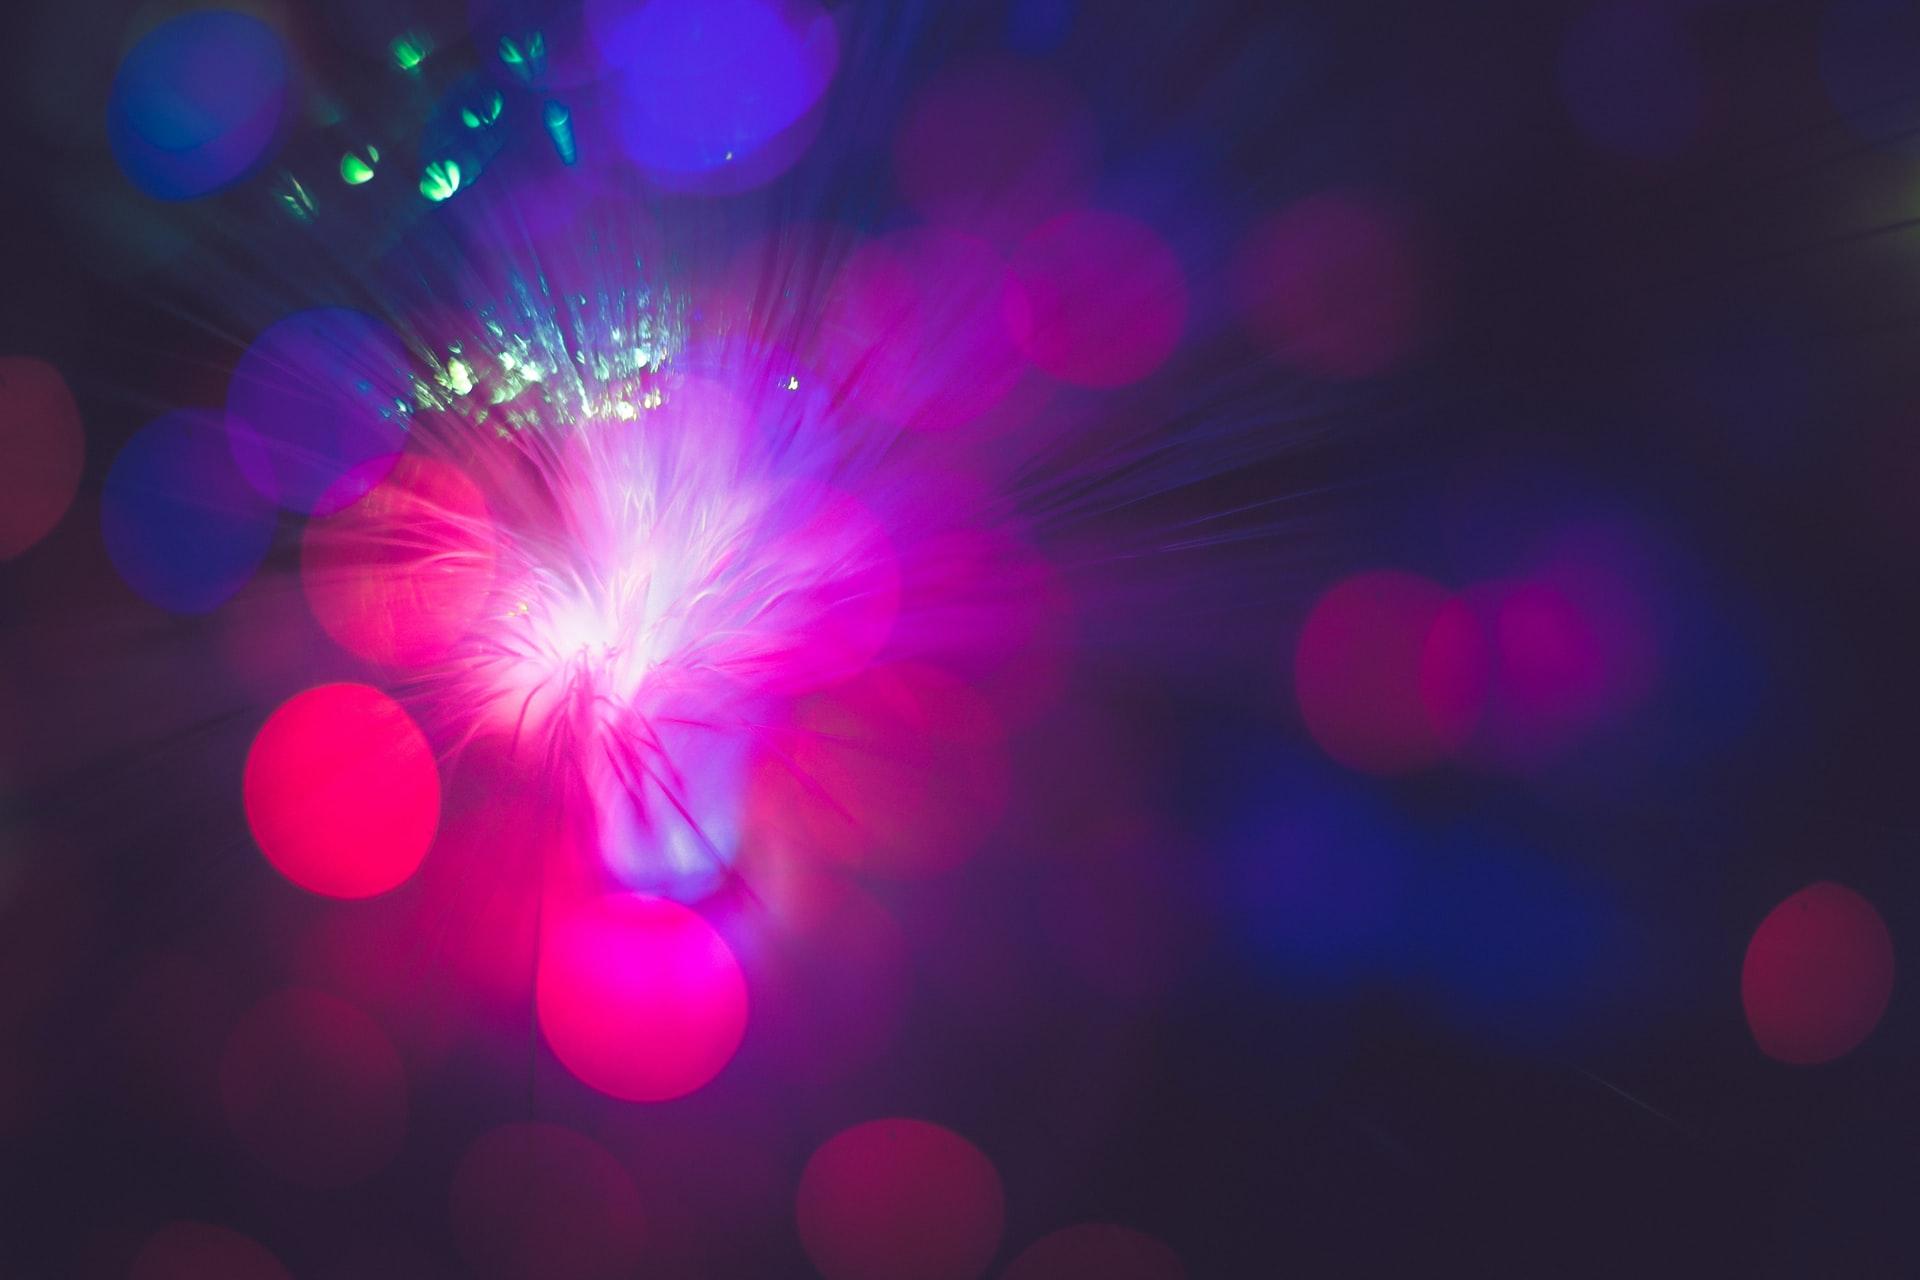 Fotografia di luci colorate nel buio